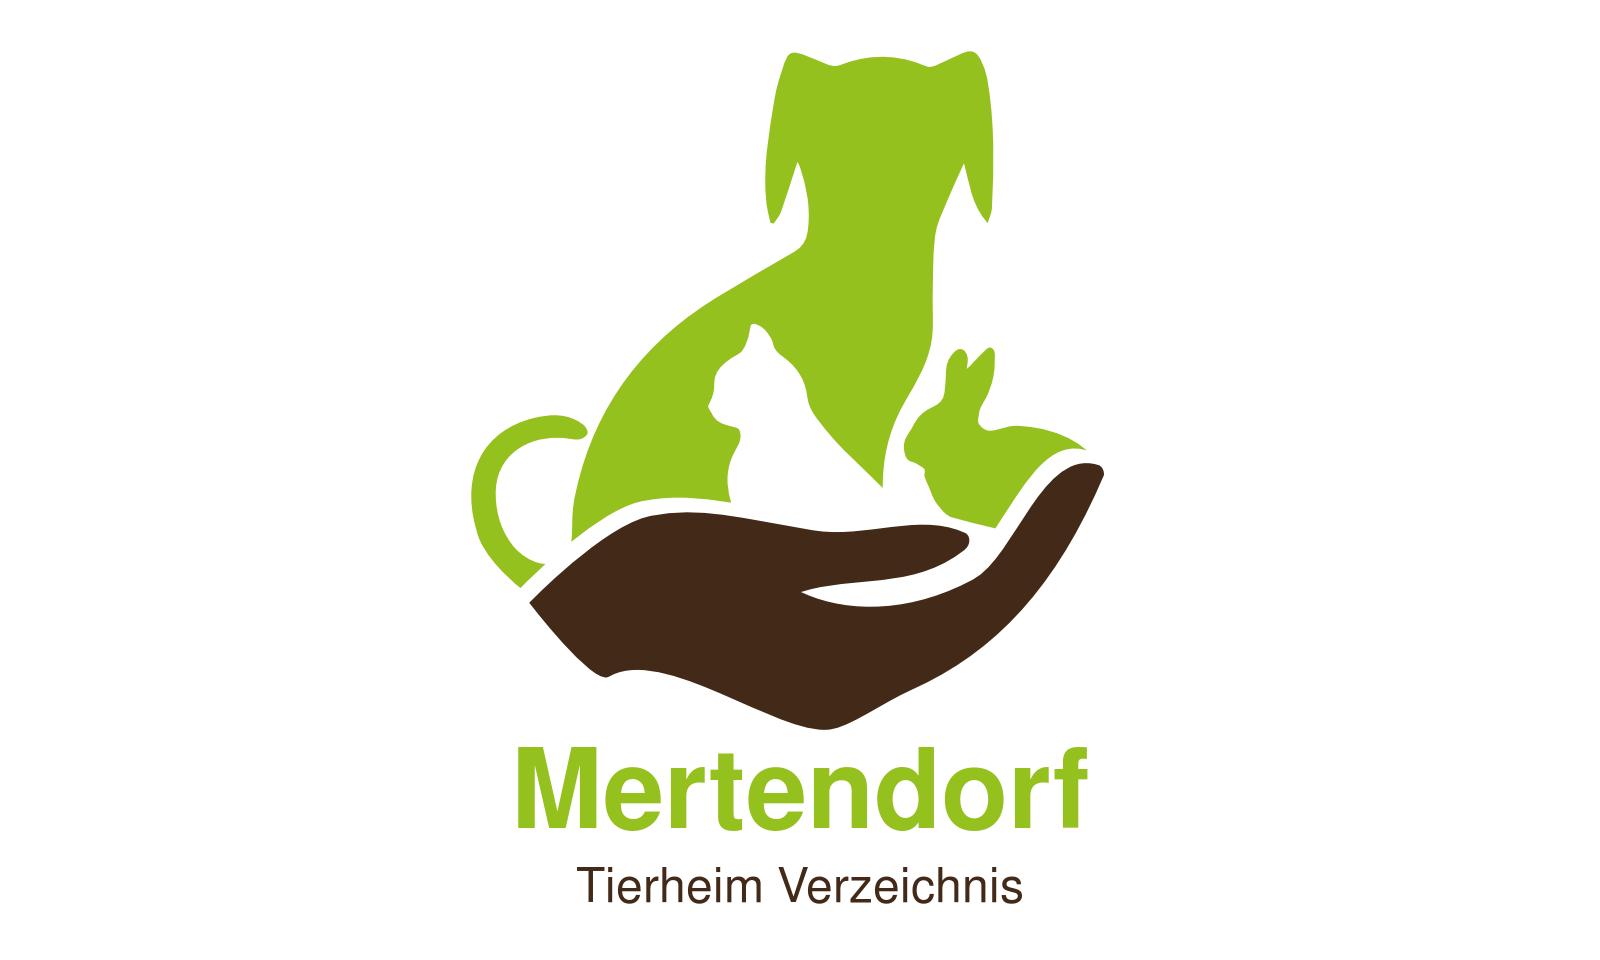 Tierheim Mertendorf